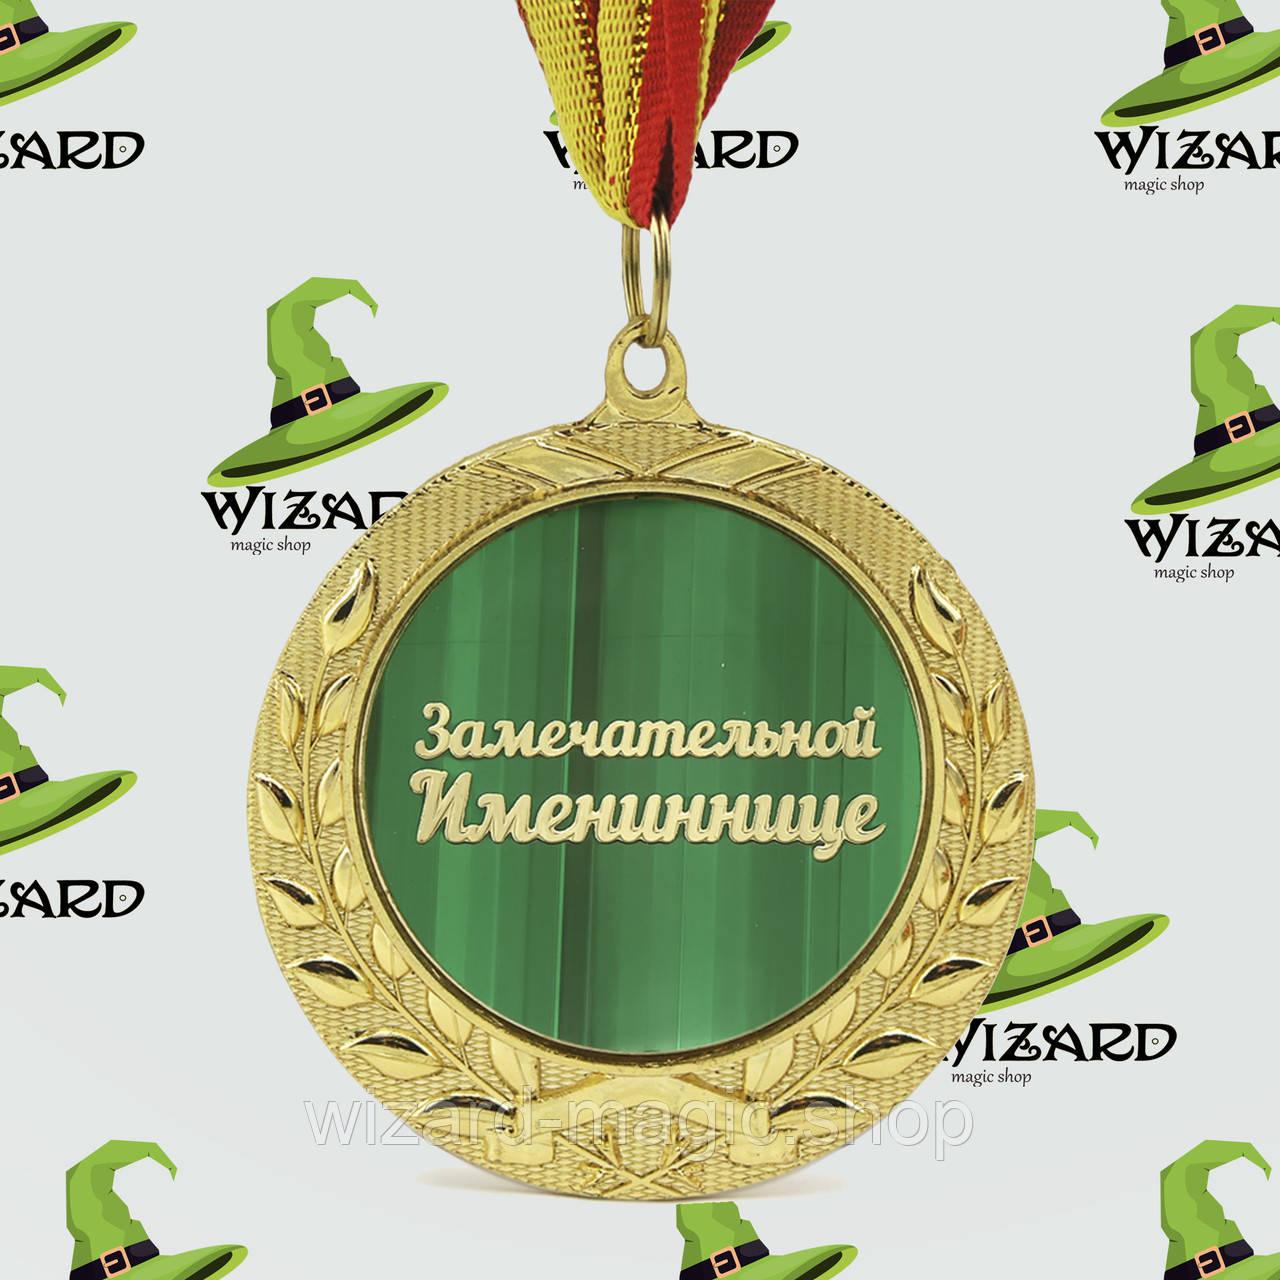 Медаль подарочная Замечательной имениннице